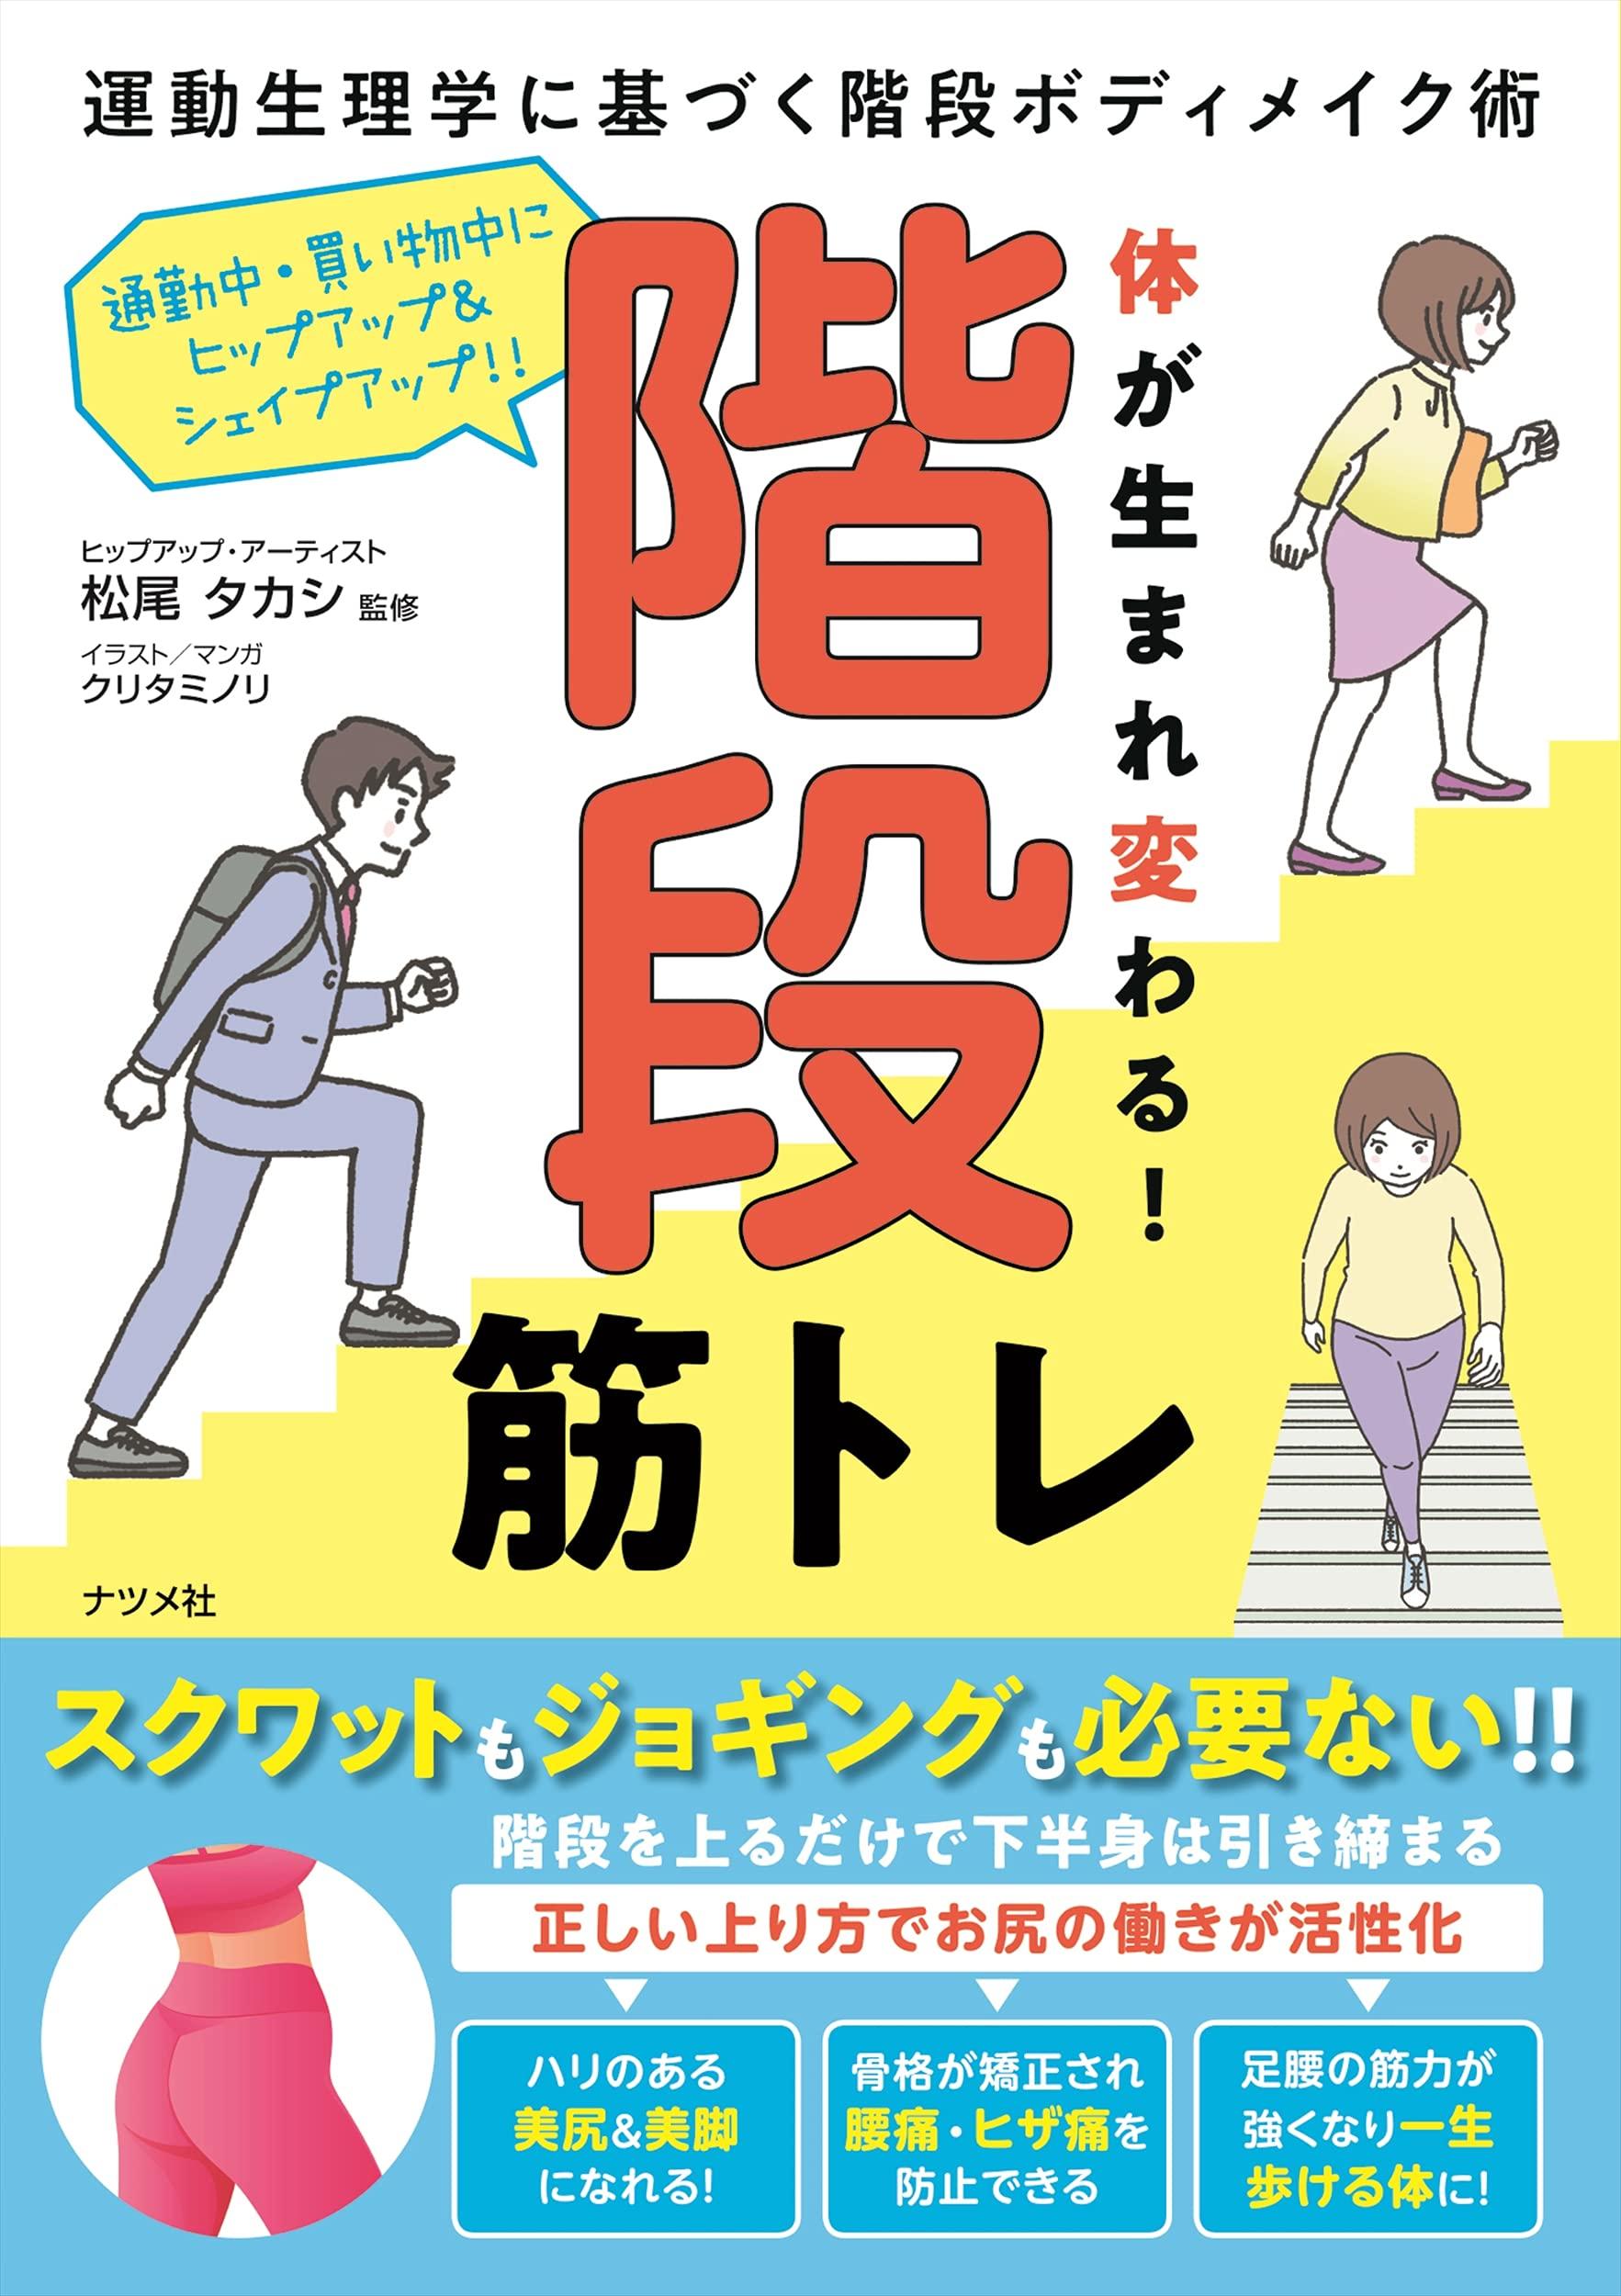 ジムに通わなくても階段がある!『体が生まれ変わる! 階段筋トレ』